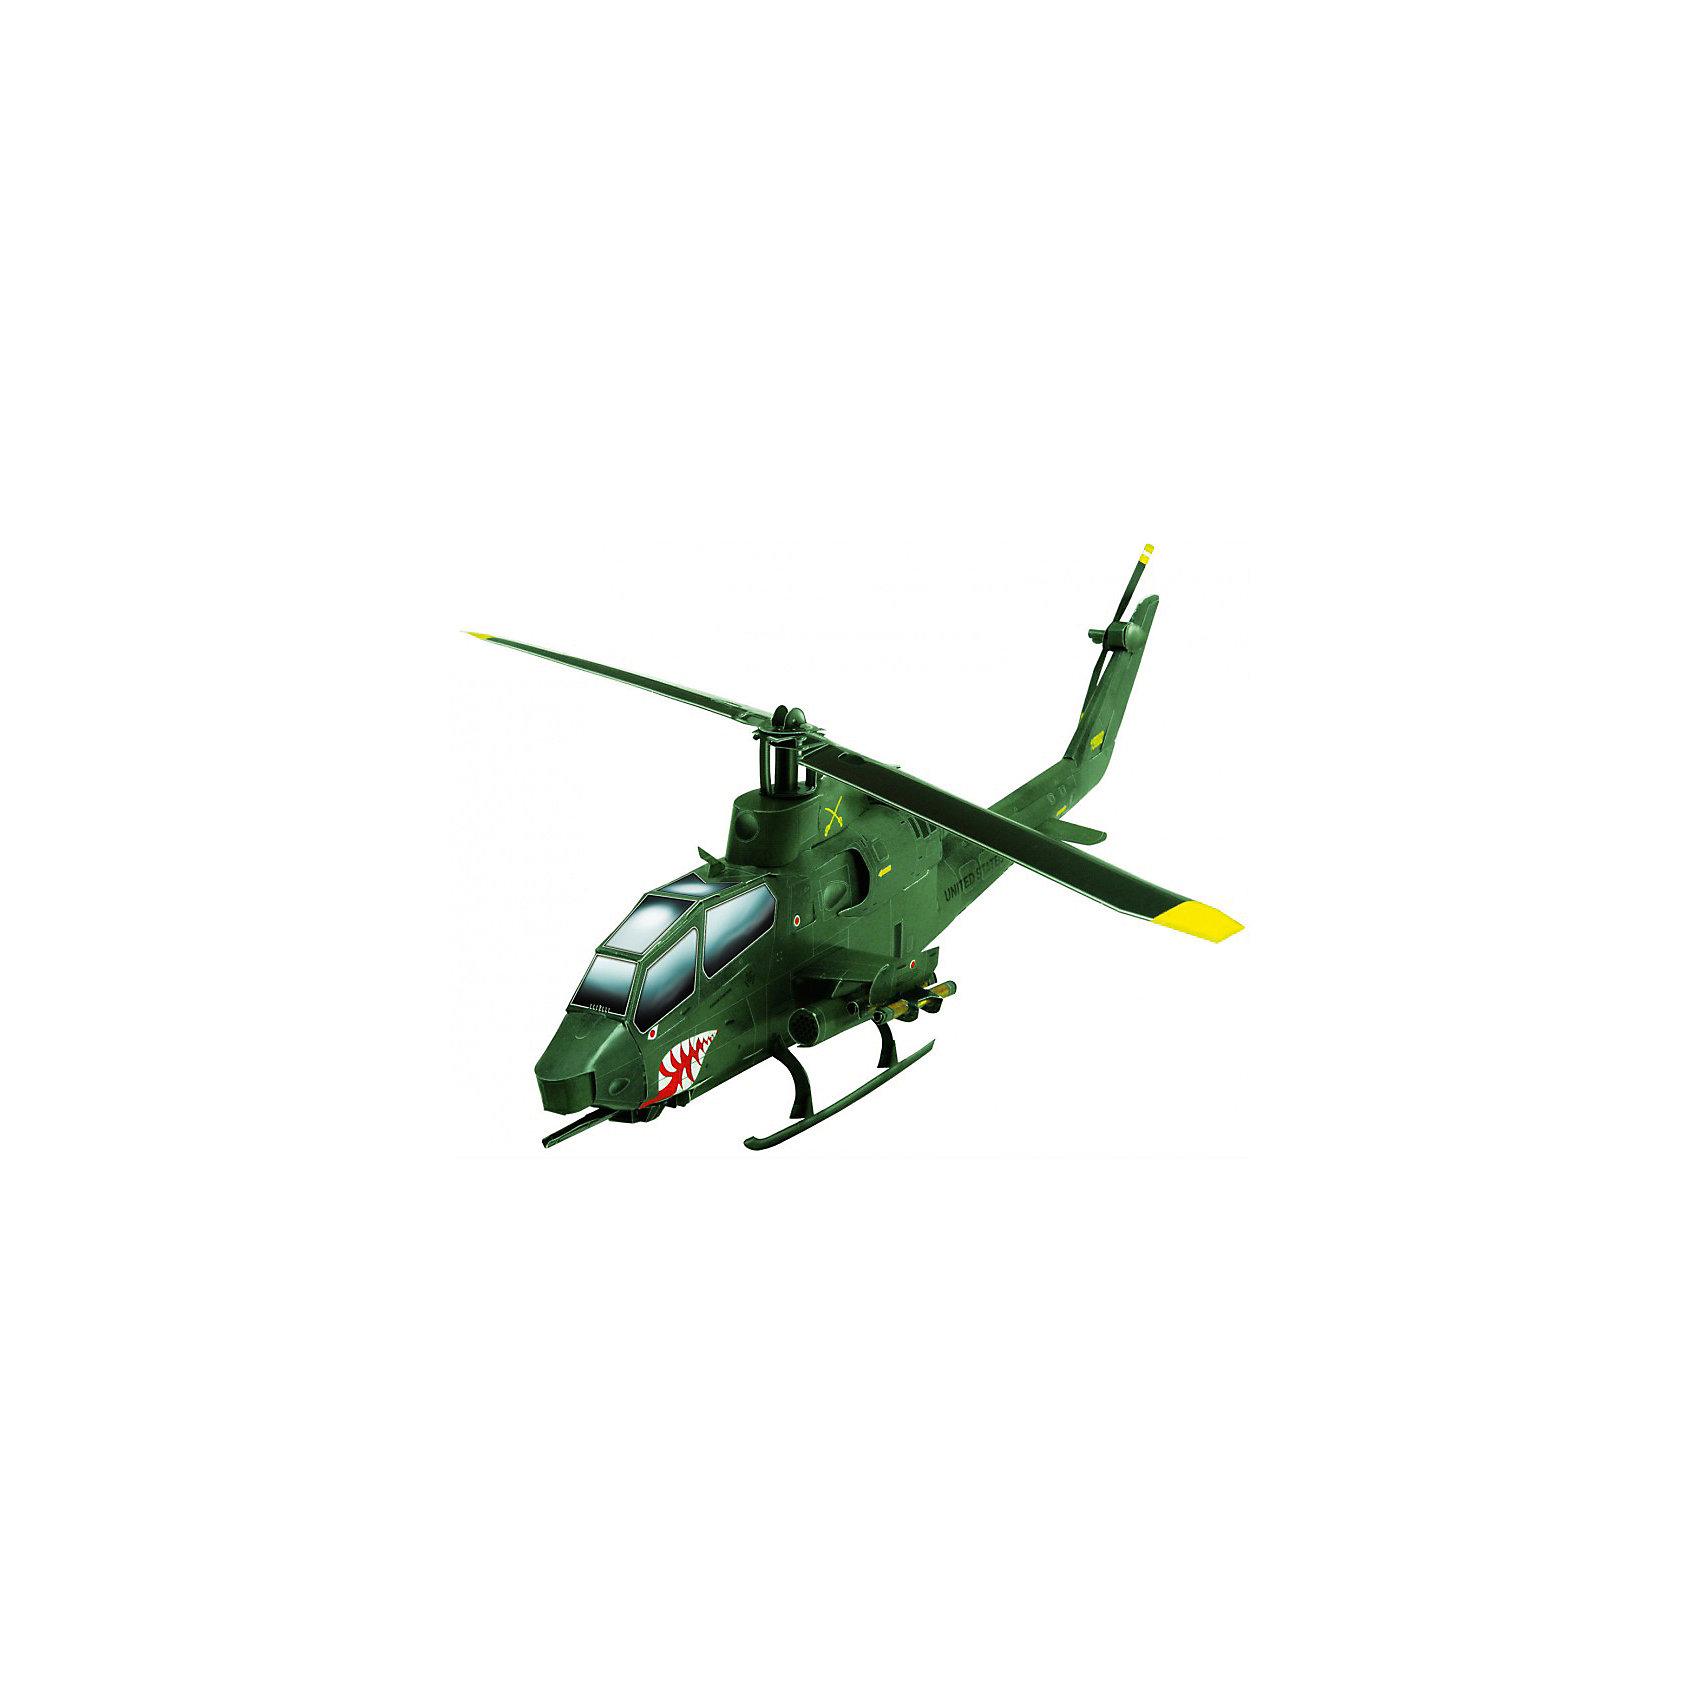 Сборная модель Вертолет КобраСборная бумажная модель Вертолет Кобра – многоцелевой ударный вертолет, предназначенный для огневой поддержки сухопутных войск и борьбы с бронетехникой. Высокая степень детализации и реалистичные детали делают сборку конструктора очень интересным занятием. Принцип соединения деталей запатентован: все соединения разработаны и рассчитаны с такой точностью, что с правильно собранной игрушкой можно играть, как с обычной. Конструирование увлекательный и полезный процесс, развивающий мелкую моторику, внимание, усидчивость, пространственное мышление и фантазию.<br>Все сборные модели «Умная Бумага» разрабатываются на основе чертежей и фотографий оригинала. В их оформлении широко используются современные способы обработки бумаги для передачи рельефности поверхности, а для имитации хромированных и золоченых элементов применяется тиснение фольгой.<br><br>Дополнительная информация:<br><br>- Материал: картон.<br>- Масштаб: 1:48.<br>- Размер модели: 28х7,5х8 см.<br>- Размер упаковки: 22х24 см.<br>- Количество деталей: 43.<br><br>Сборную модель Вертолет Кобра можно купить в нашем магазине.<br><br>Ширина мм: 218<br>Глубина мм: 339<br>Высота мм: 2<br>Вес г: 110<br>Возраст от месяцев: 72<br>Возраст до месяцев: 168<br>Пол: Мужской<br>Возраст: Детский<br>SKU: 4697734